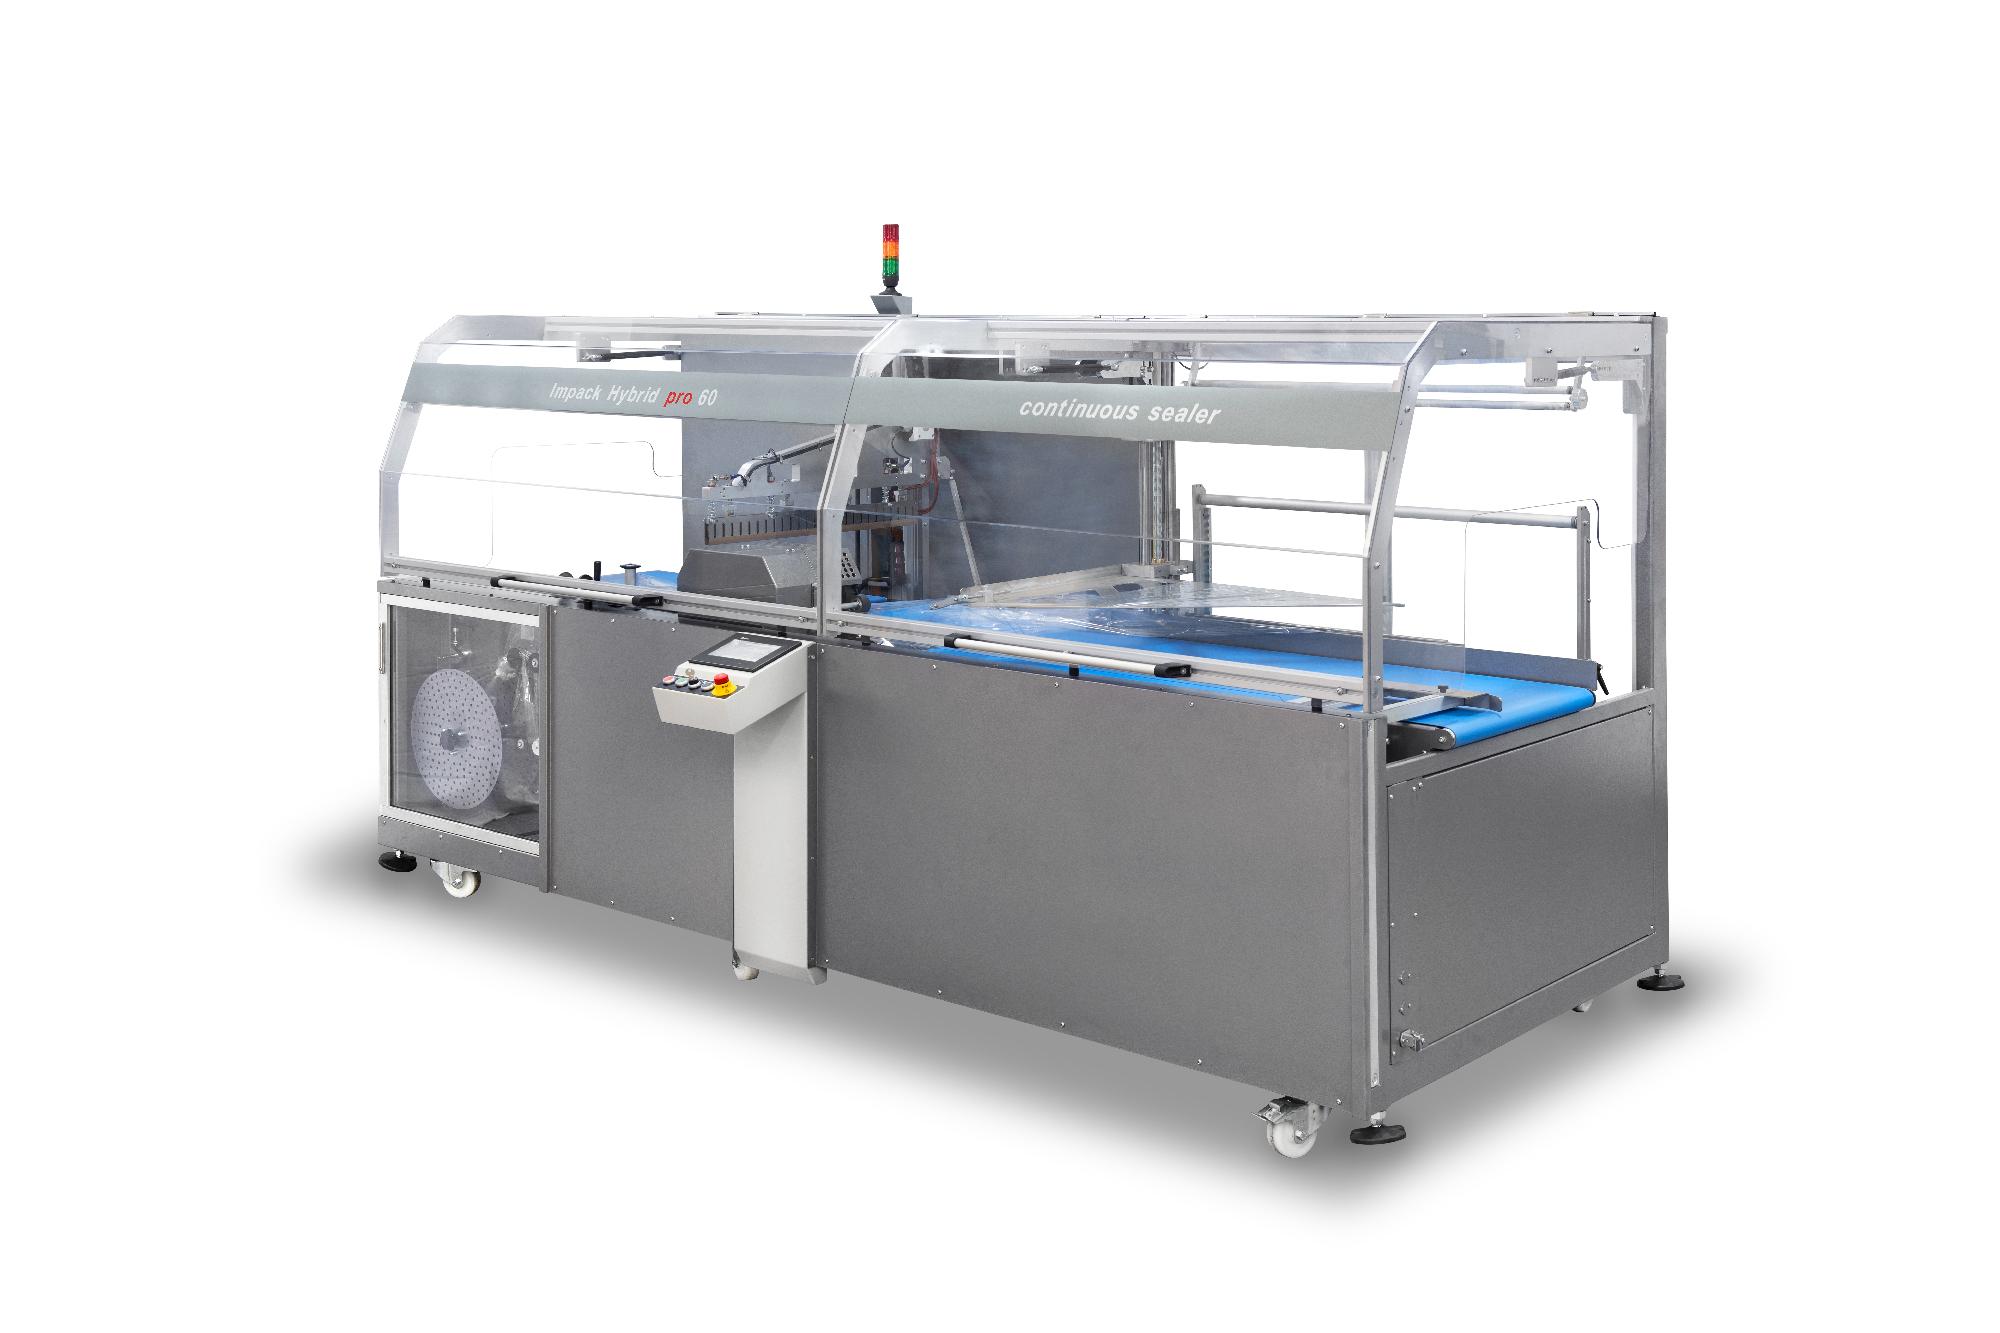 Yüksek_Ürün_Paketleme_Makinesi